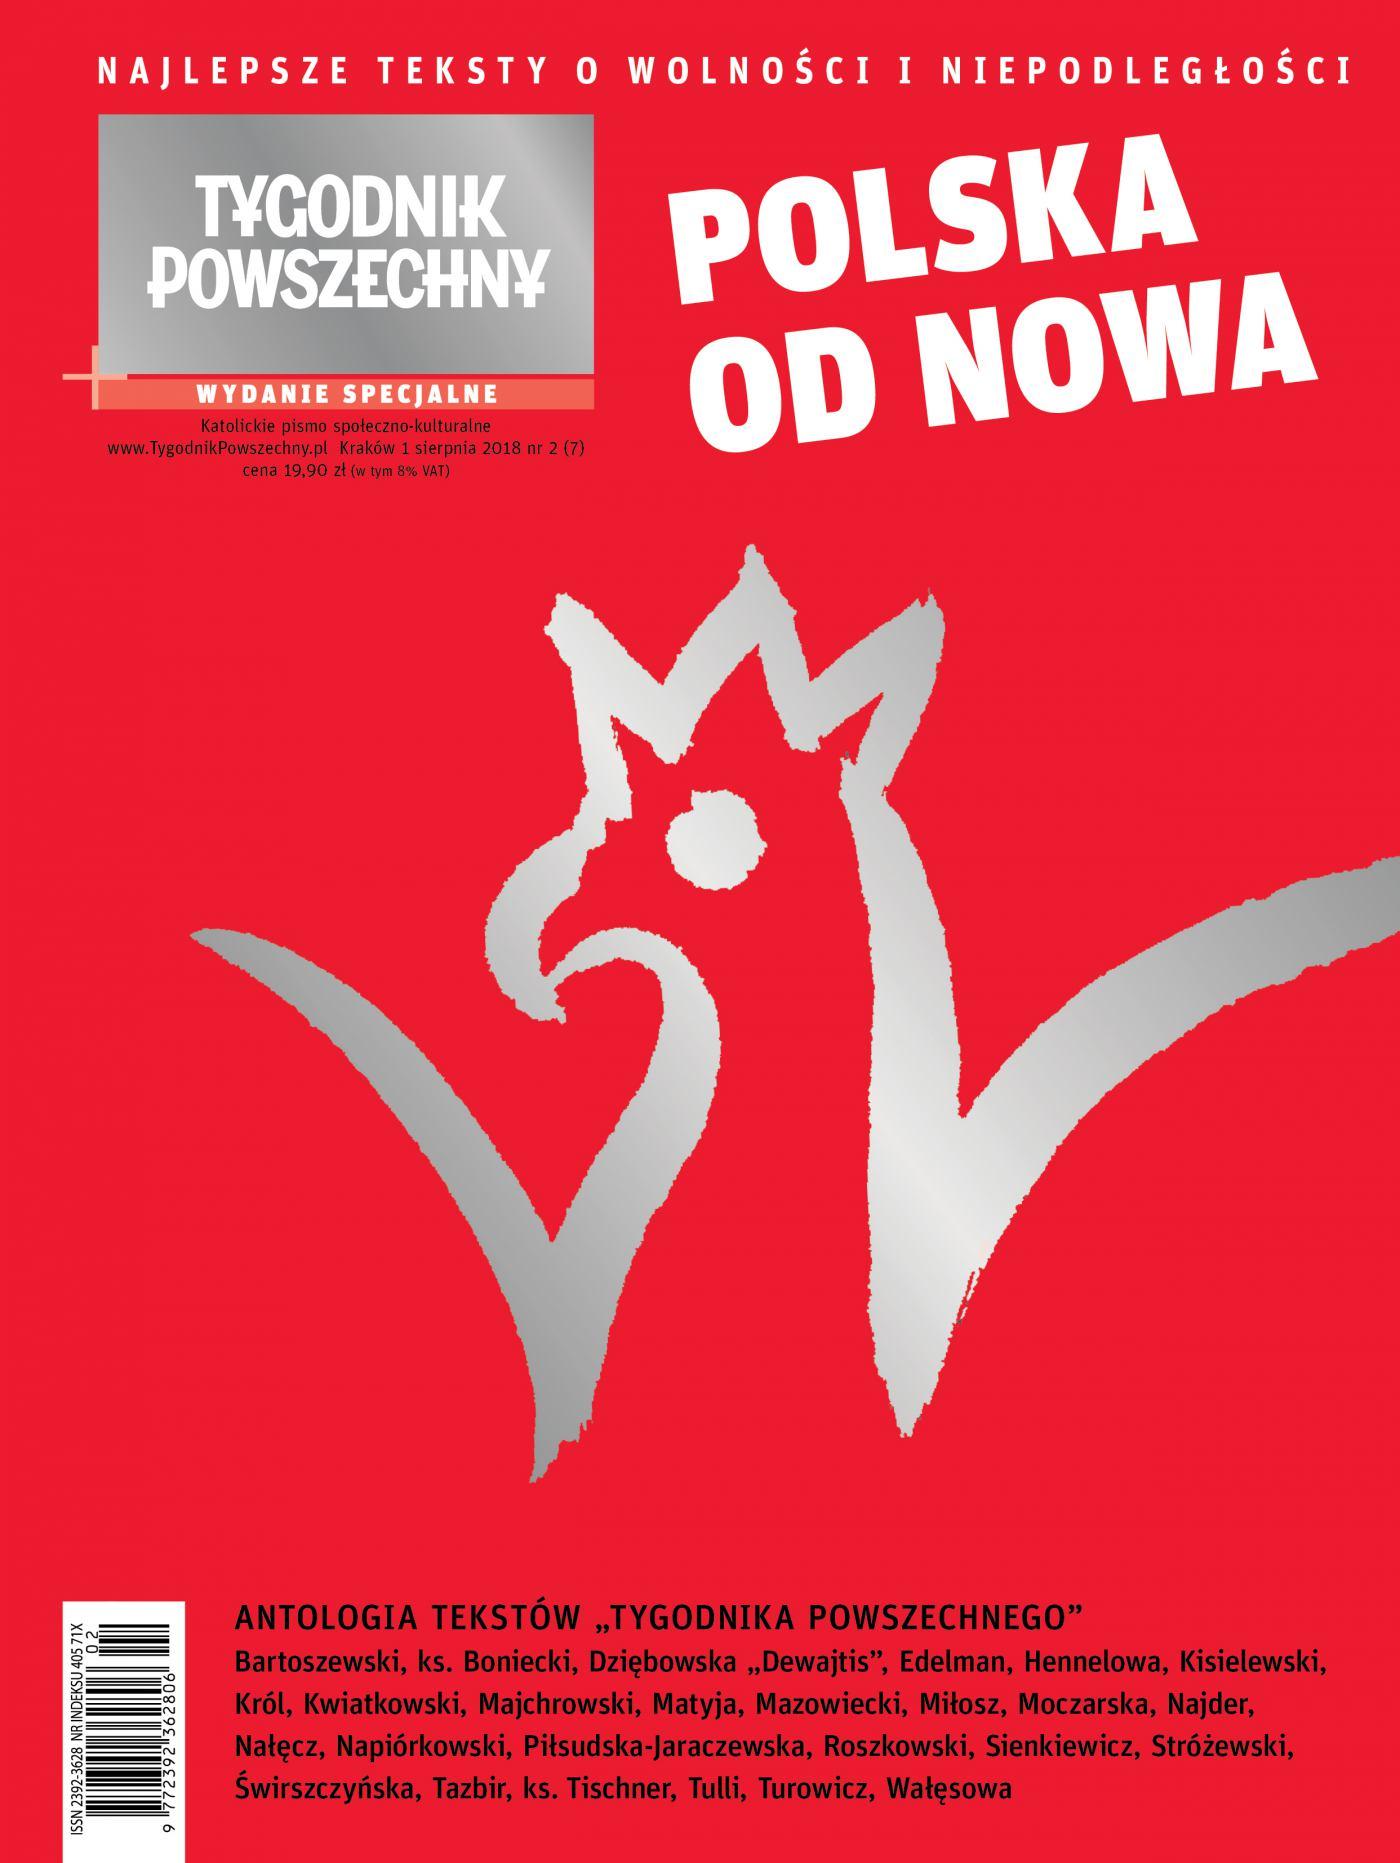 Polska od nowa - Ebook (Książka EPUB) do pobrania w formacie EPUB